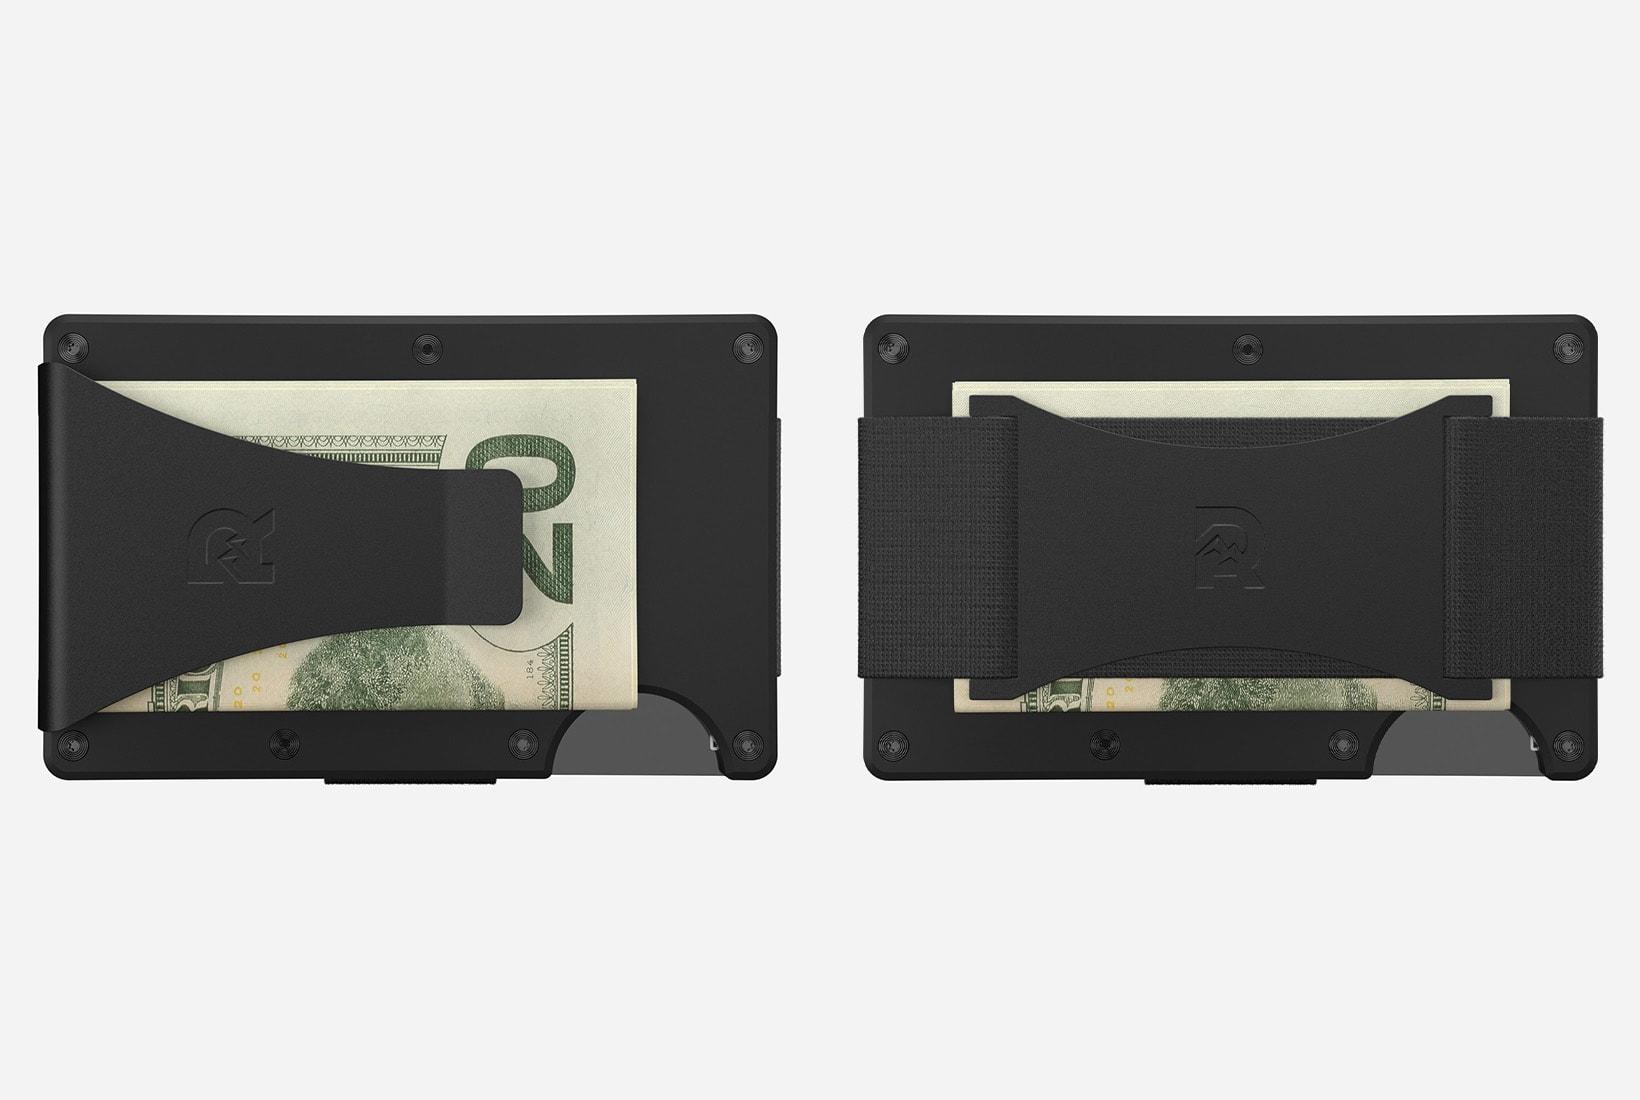 ridge wallet money clip vs cash strap review - Luxe Digital